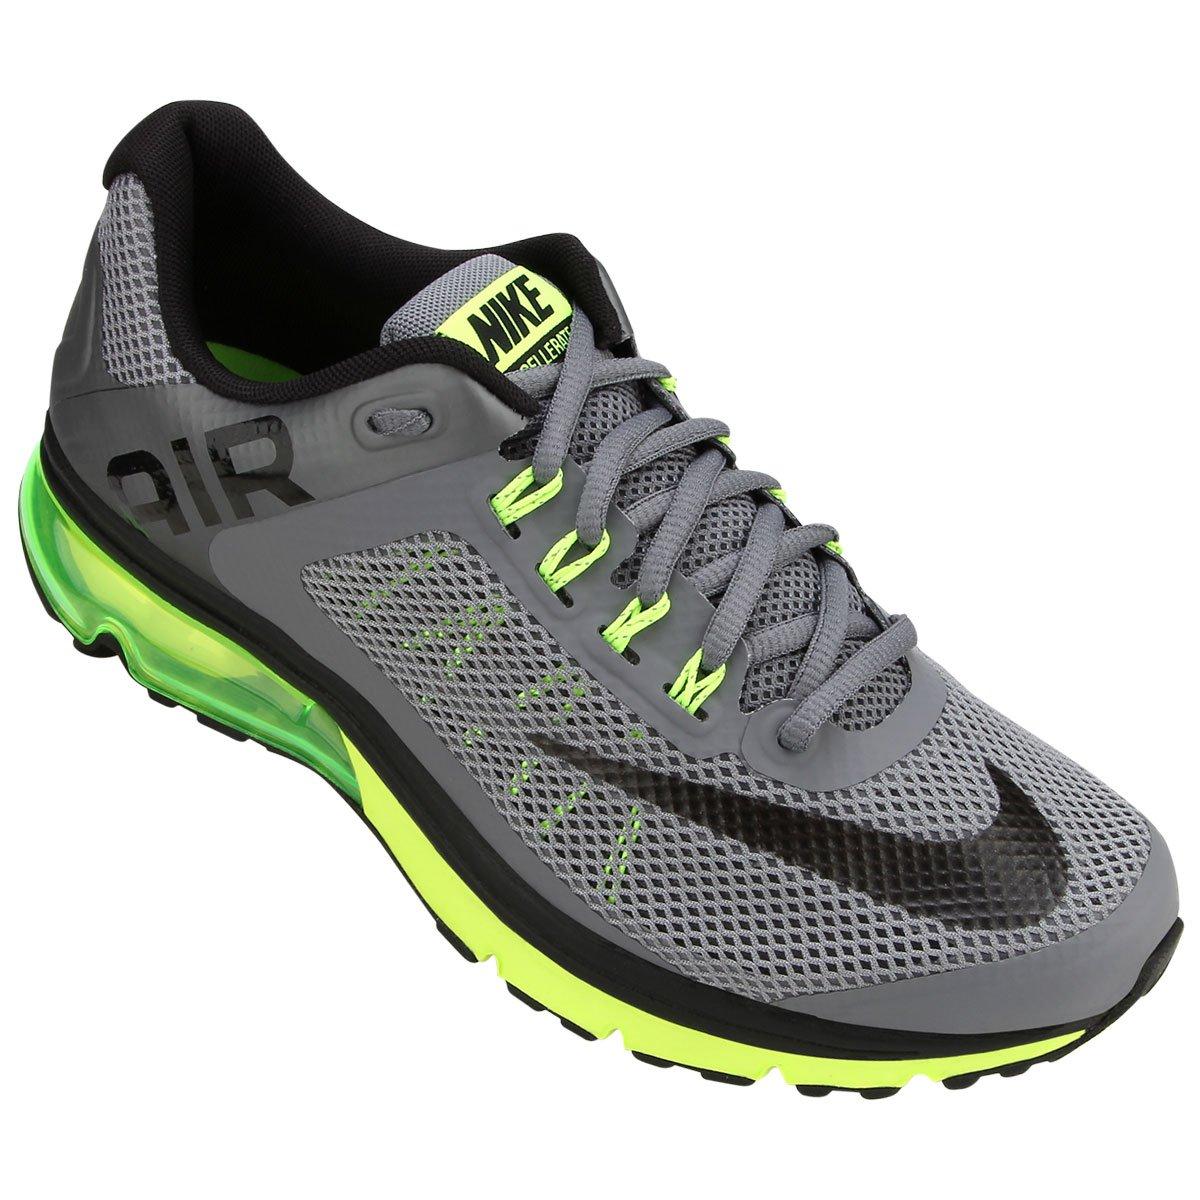 huge selection of 7e62f 8e166 ... Tênis Nike Air Max Excellerate+ 2 - Grafite e Verde Limão tenis  masculino ...